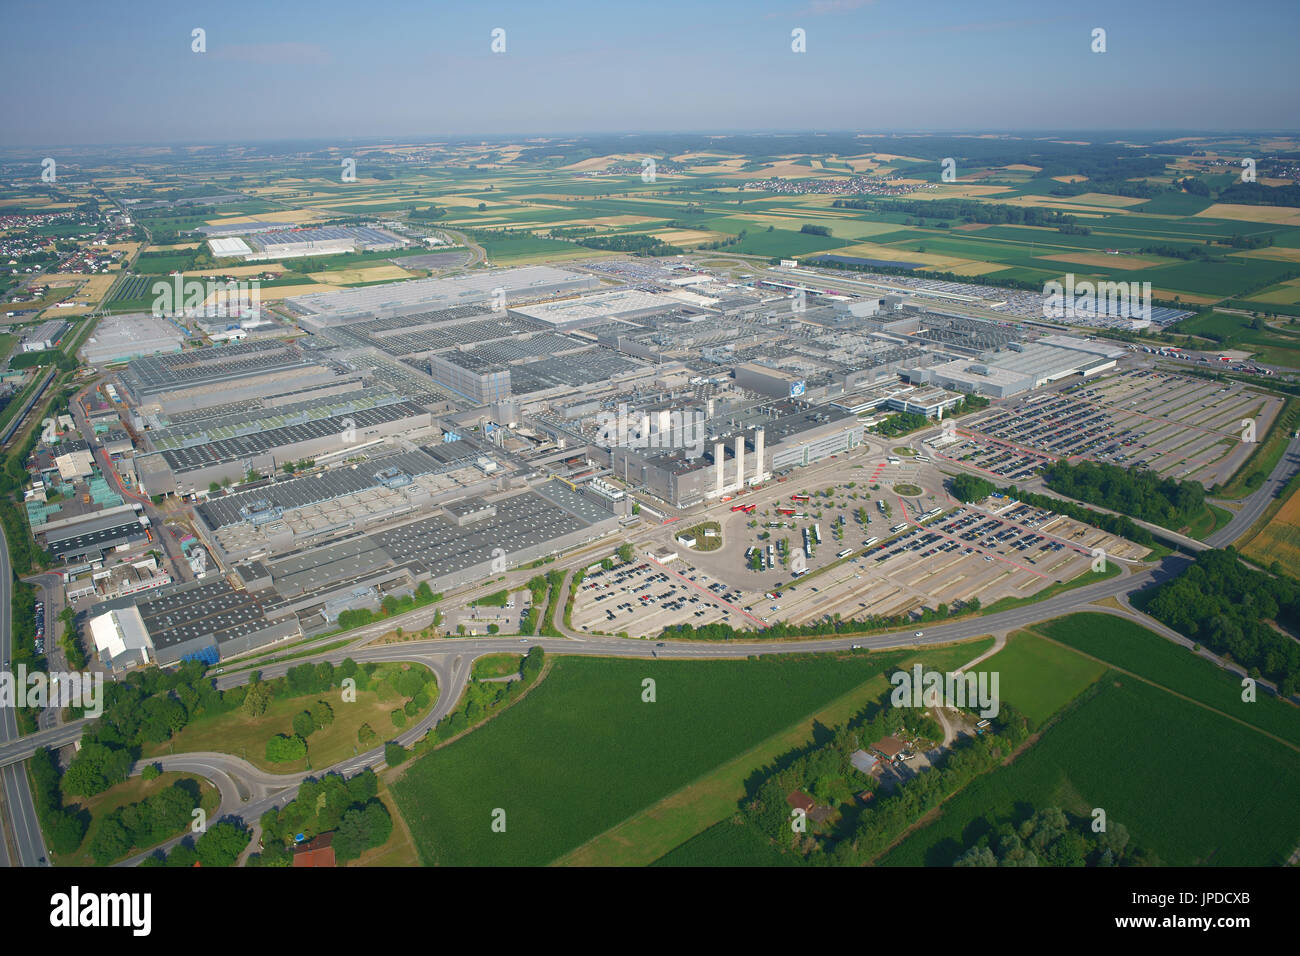 MEGA fábrica con una producción anual de 340.000 automóviles (en 2015) (vista aérea). El Grupo BMW Planta Dingolfing, Baviera, Alemania. Imagen De Stock